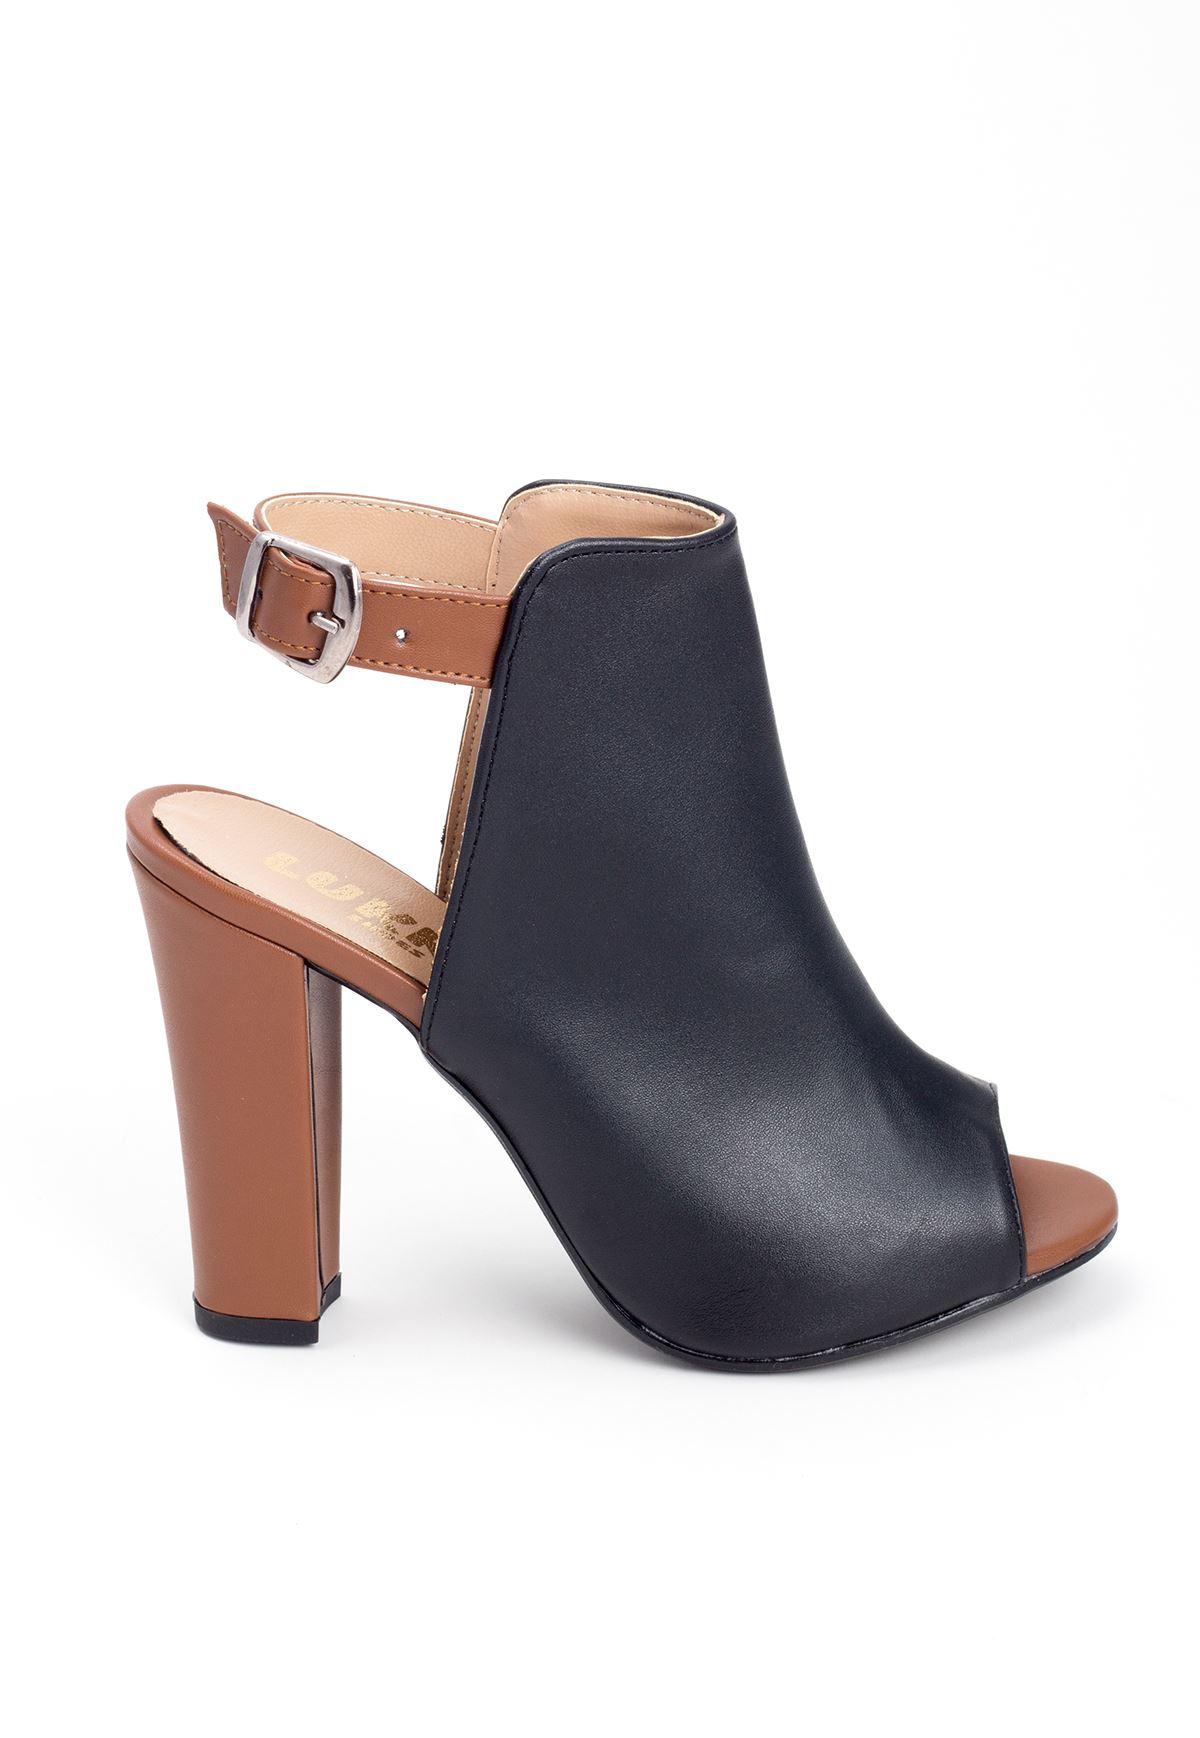 Mrt Siyah Bayan Topuklu Ayakkabı